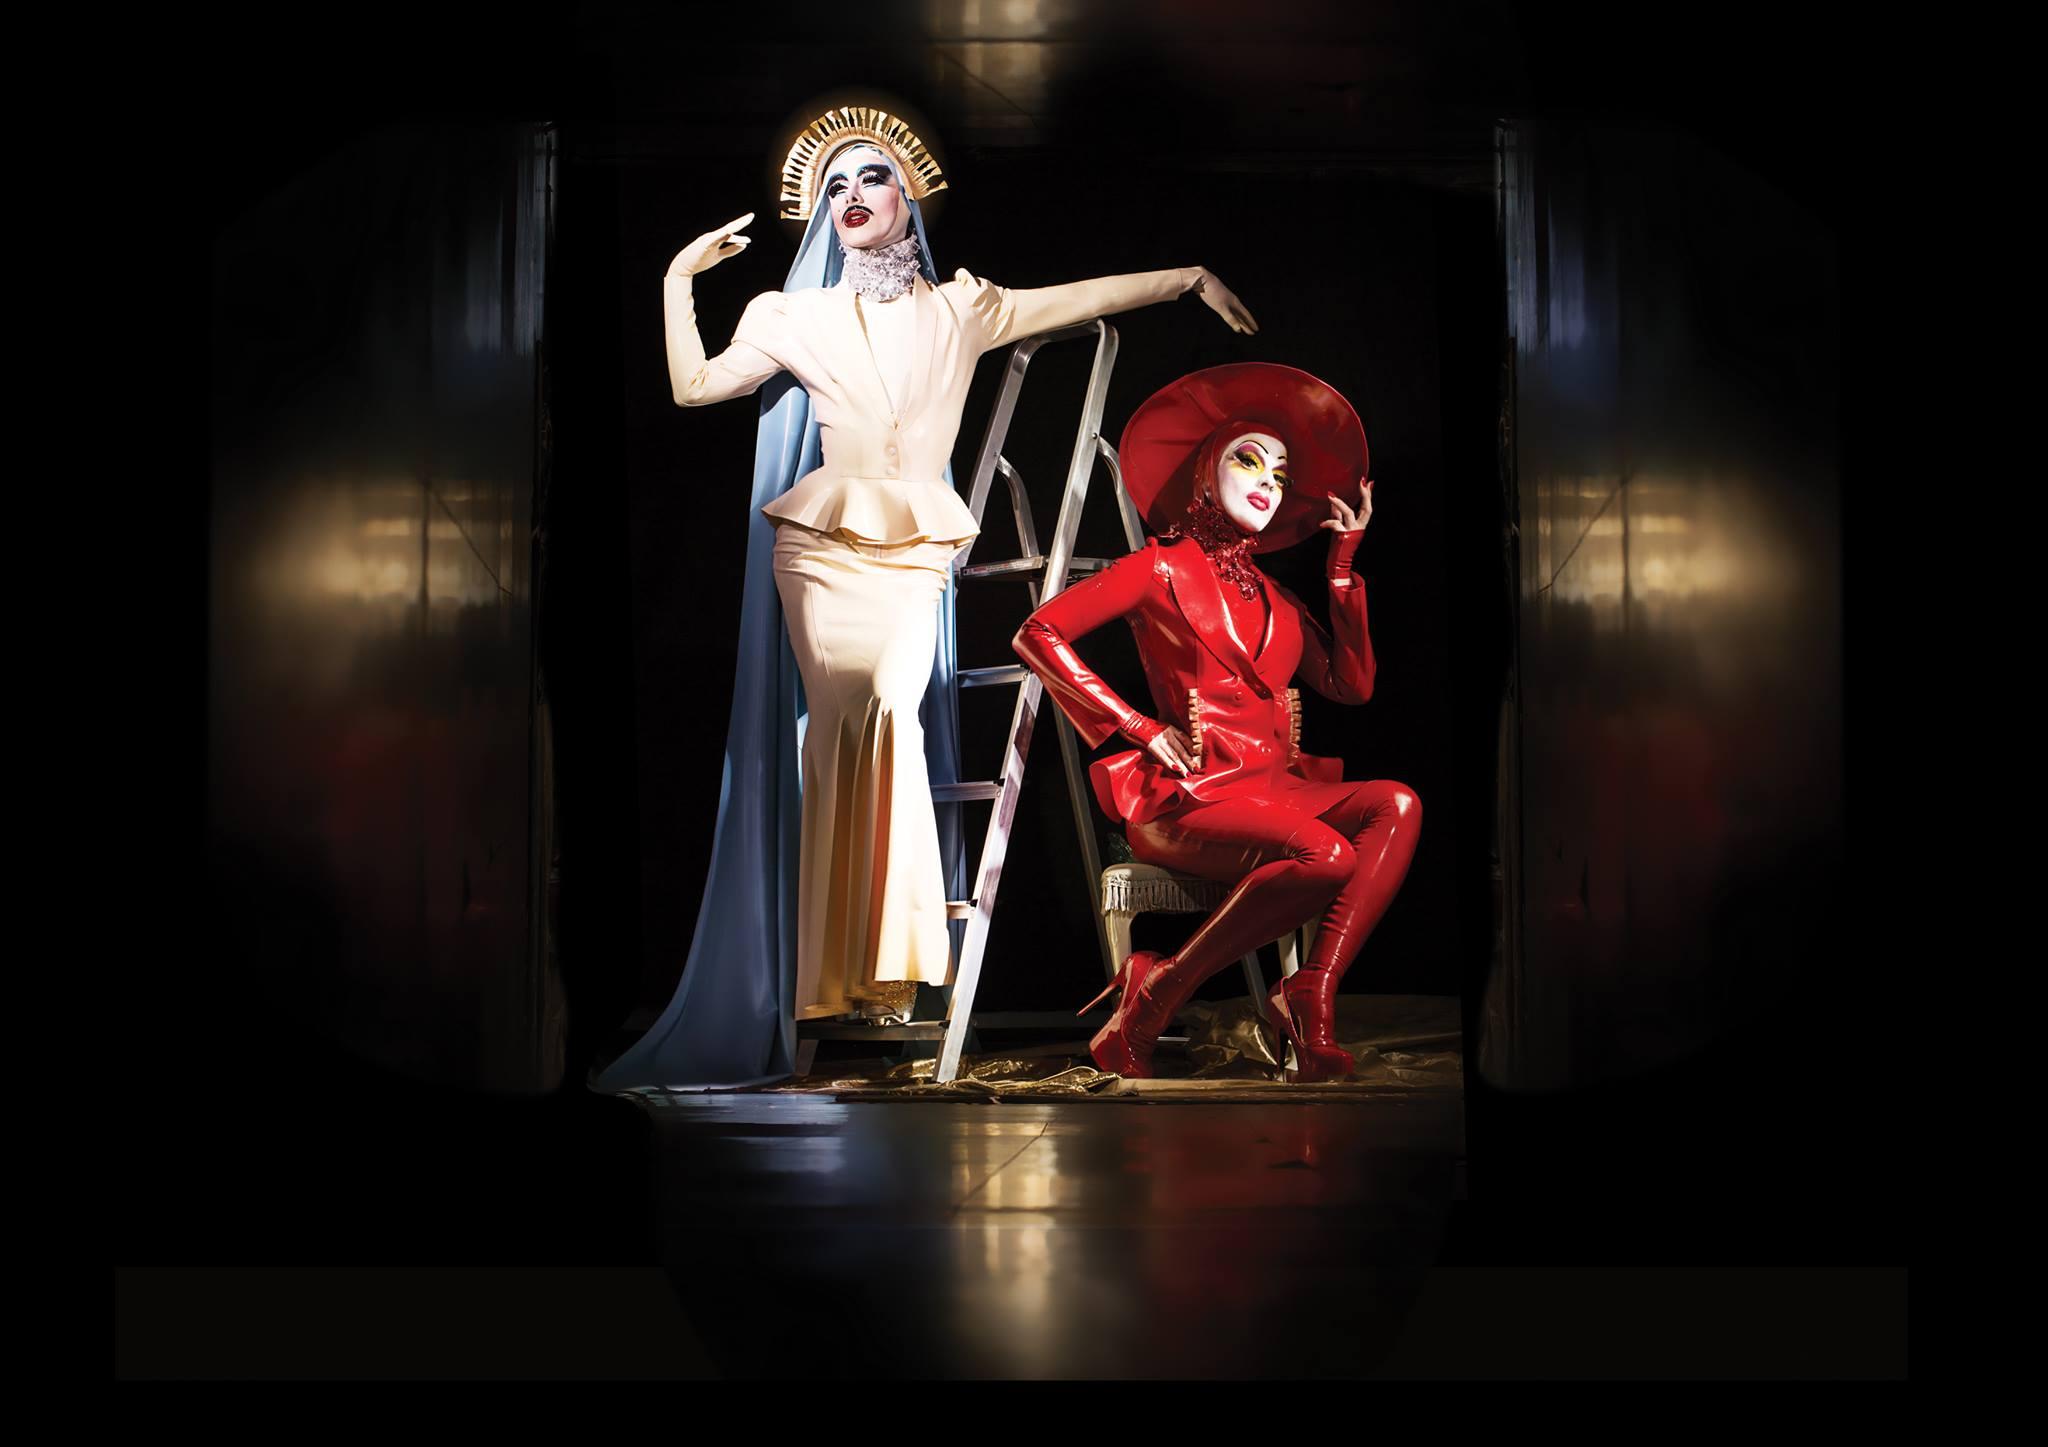 Virgin Xtravaganzah & Marni Scarlet